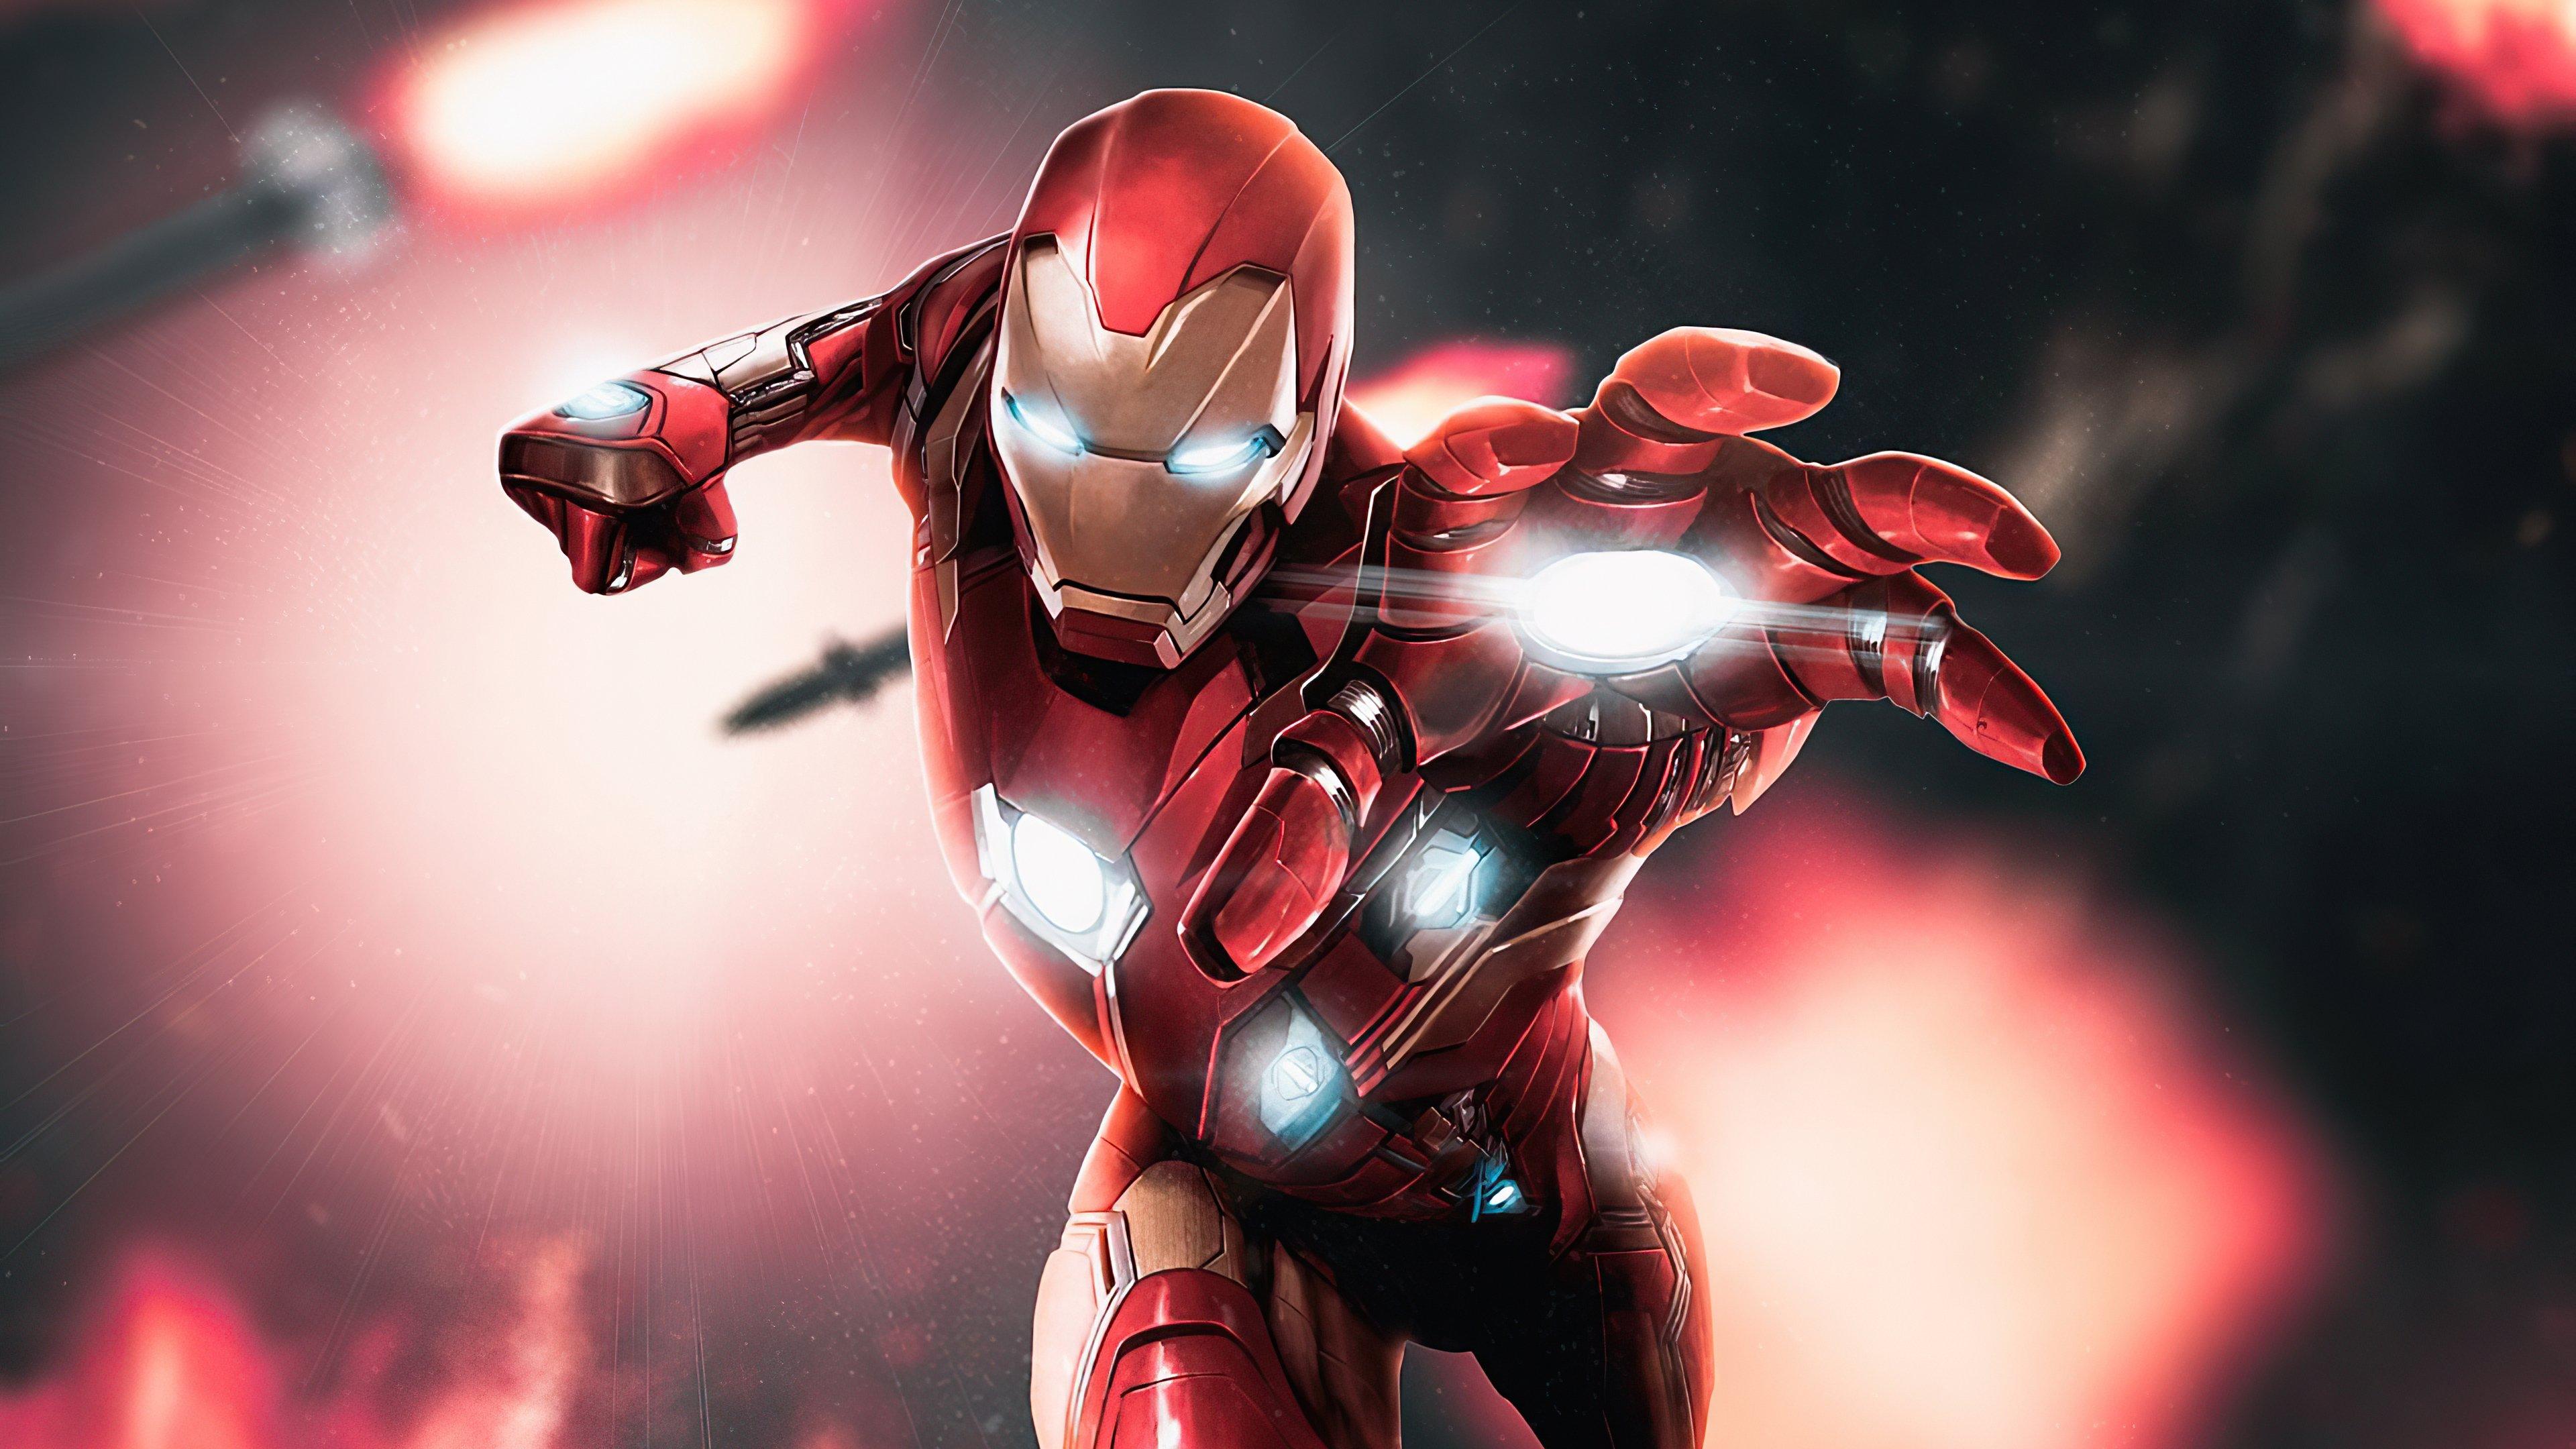 Wallpaper Iron Man 2020 Art